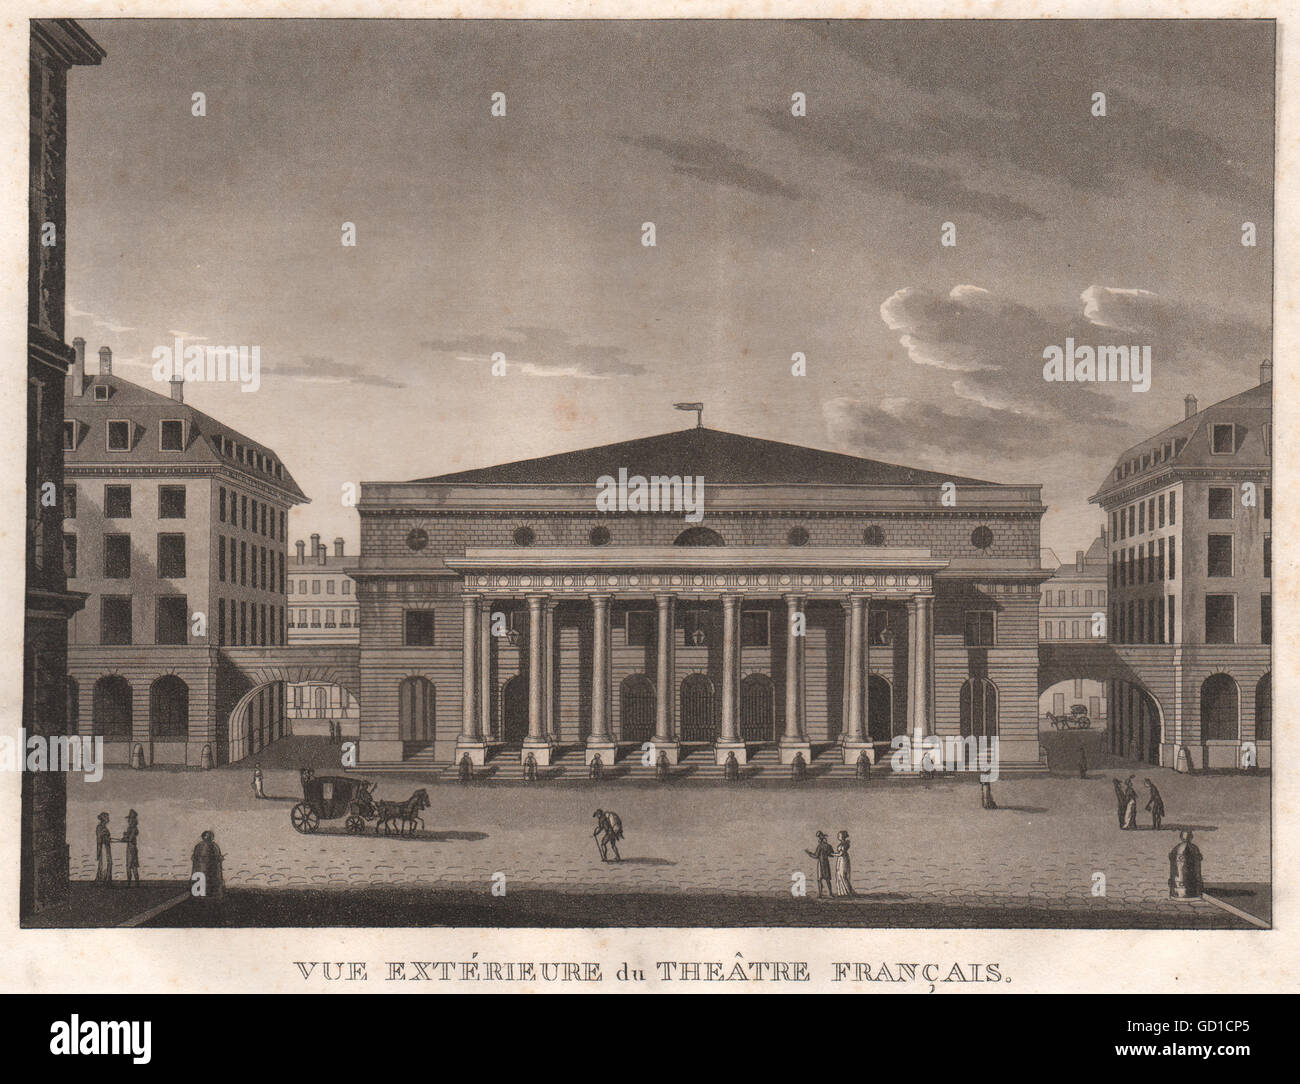 PARIS: Theâtre Français. Comédie-Française. Aquatint, antique print 1808 - Stock Image